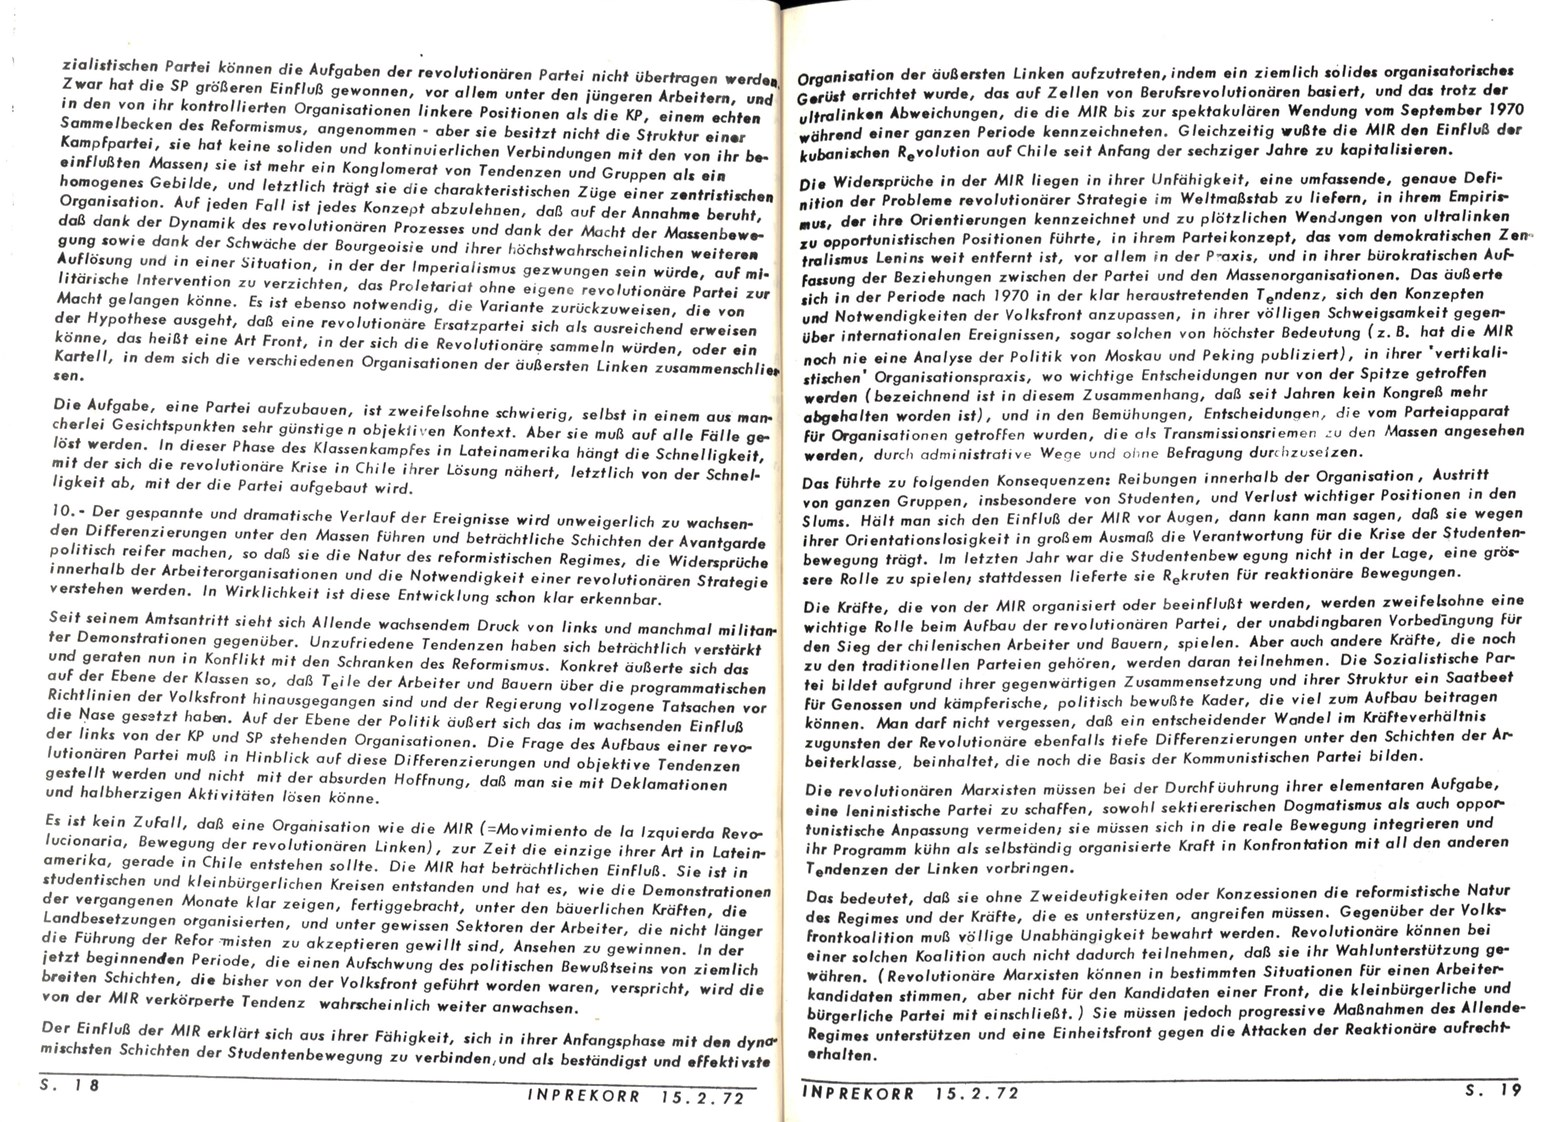 Inprekorr_19720215_012_010